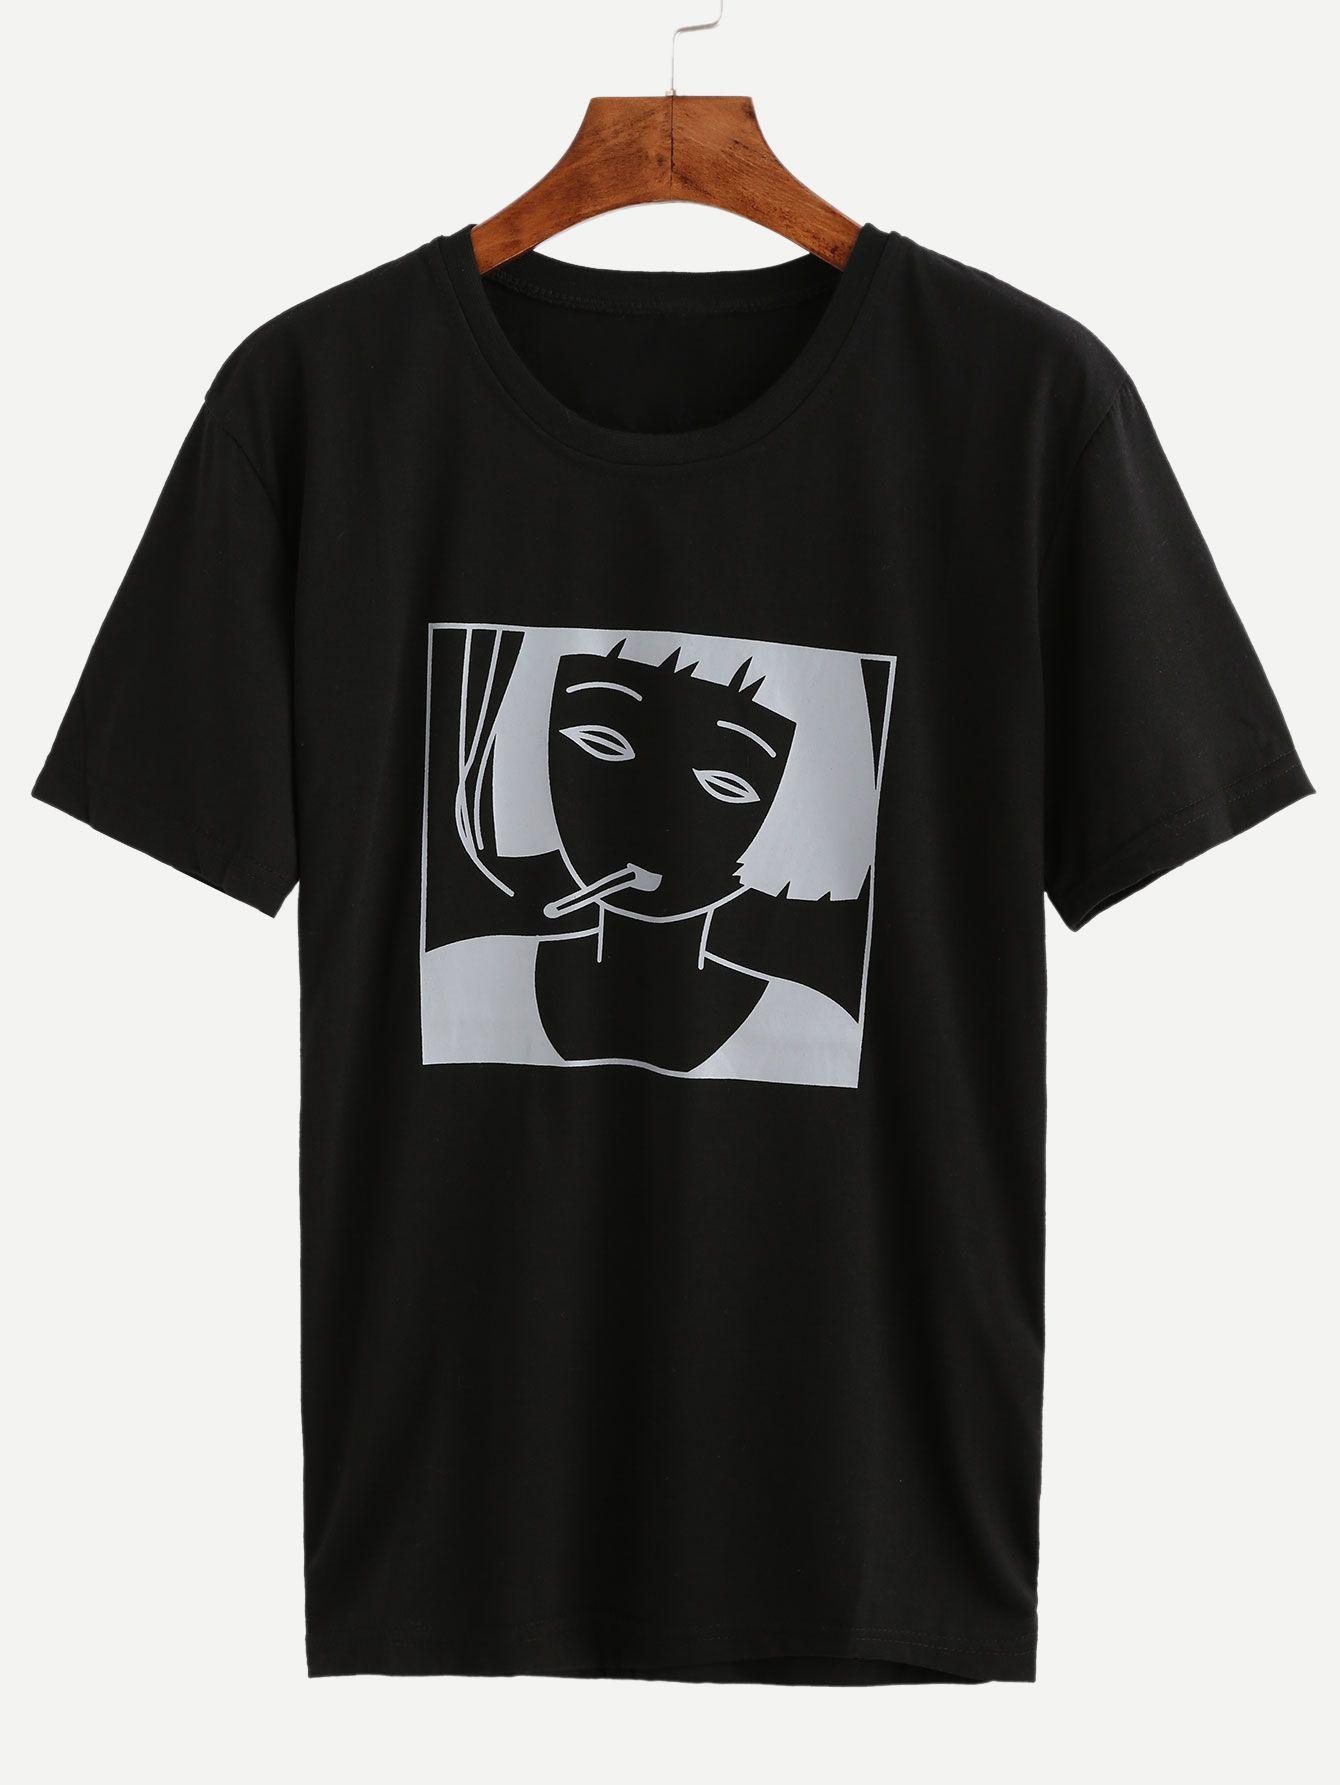 694ae8b77 Shop Black Girl Print T-shirt online. SheIn offers Black Girl Print T-shirt  & more to fit your fashionable needs.